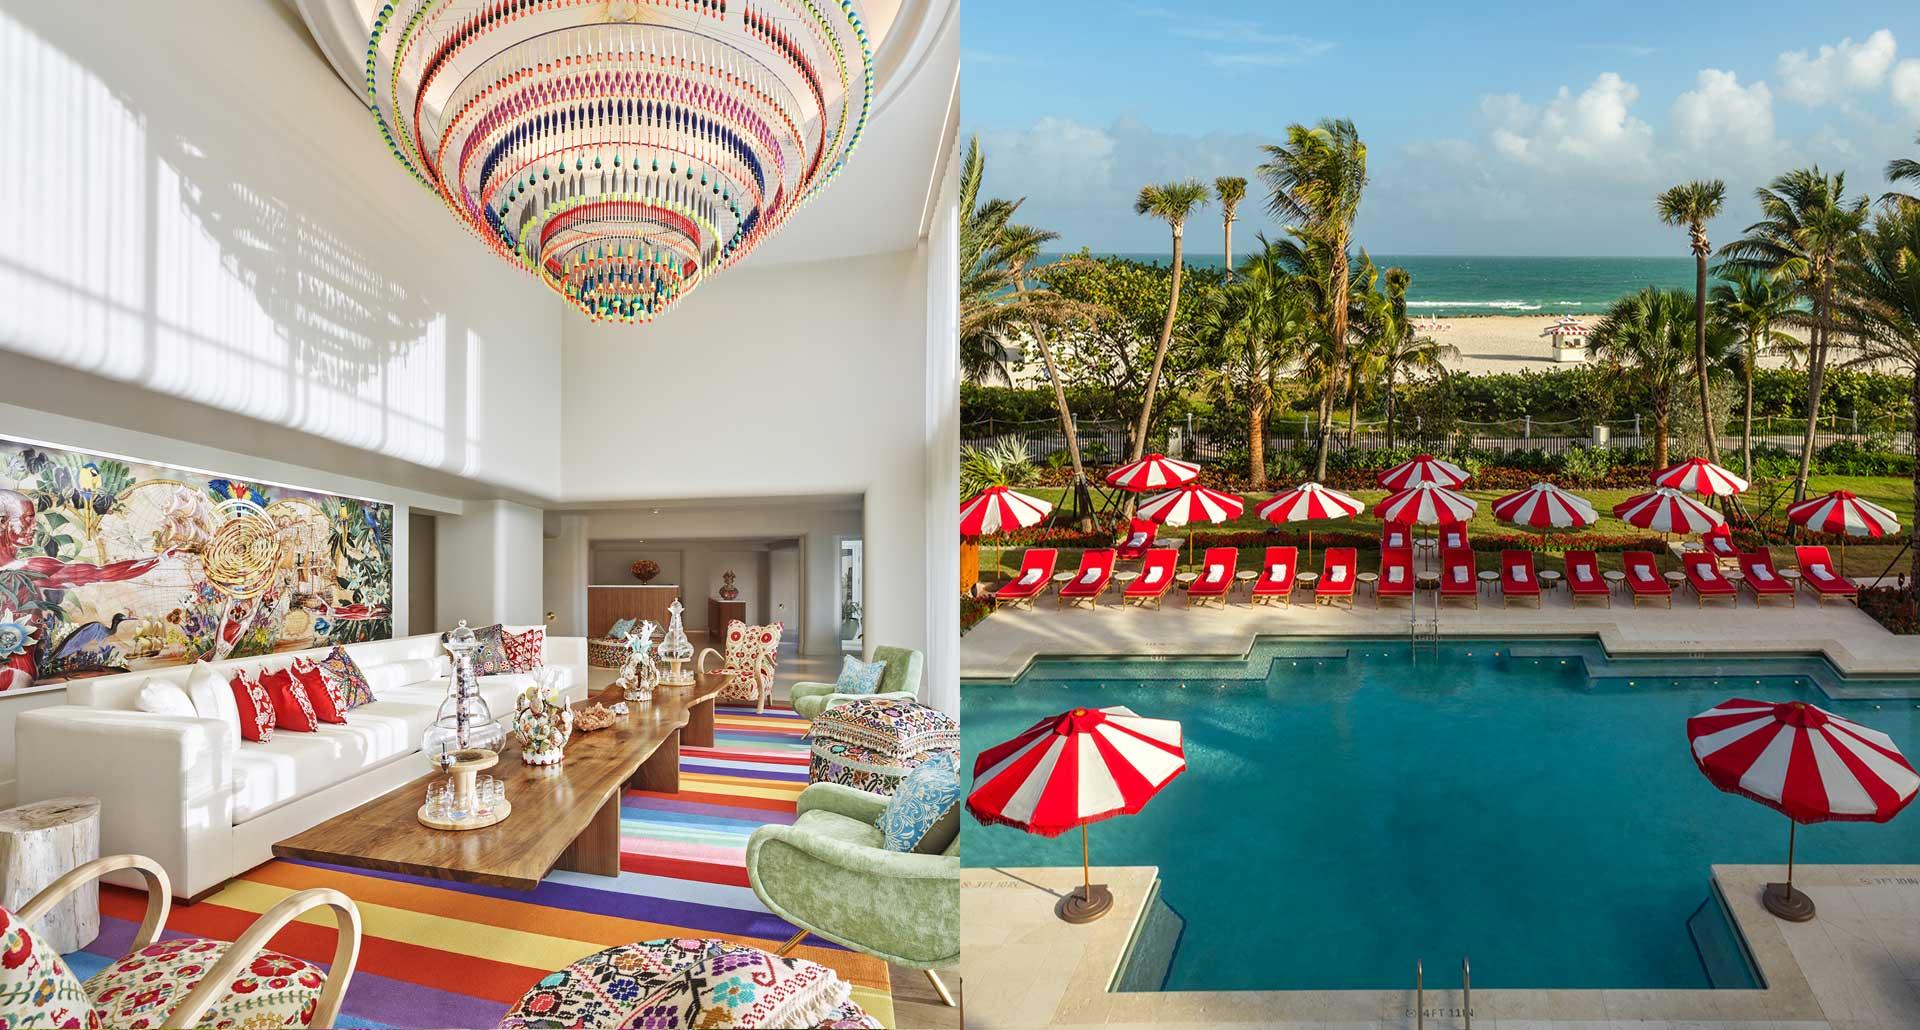 Faena Hotel Miami Beach - Miami boutique hotel